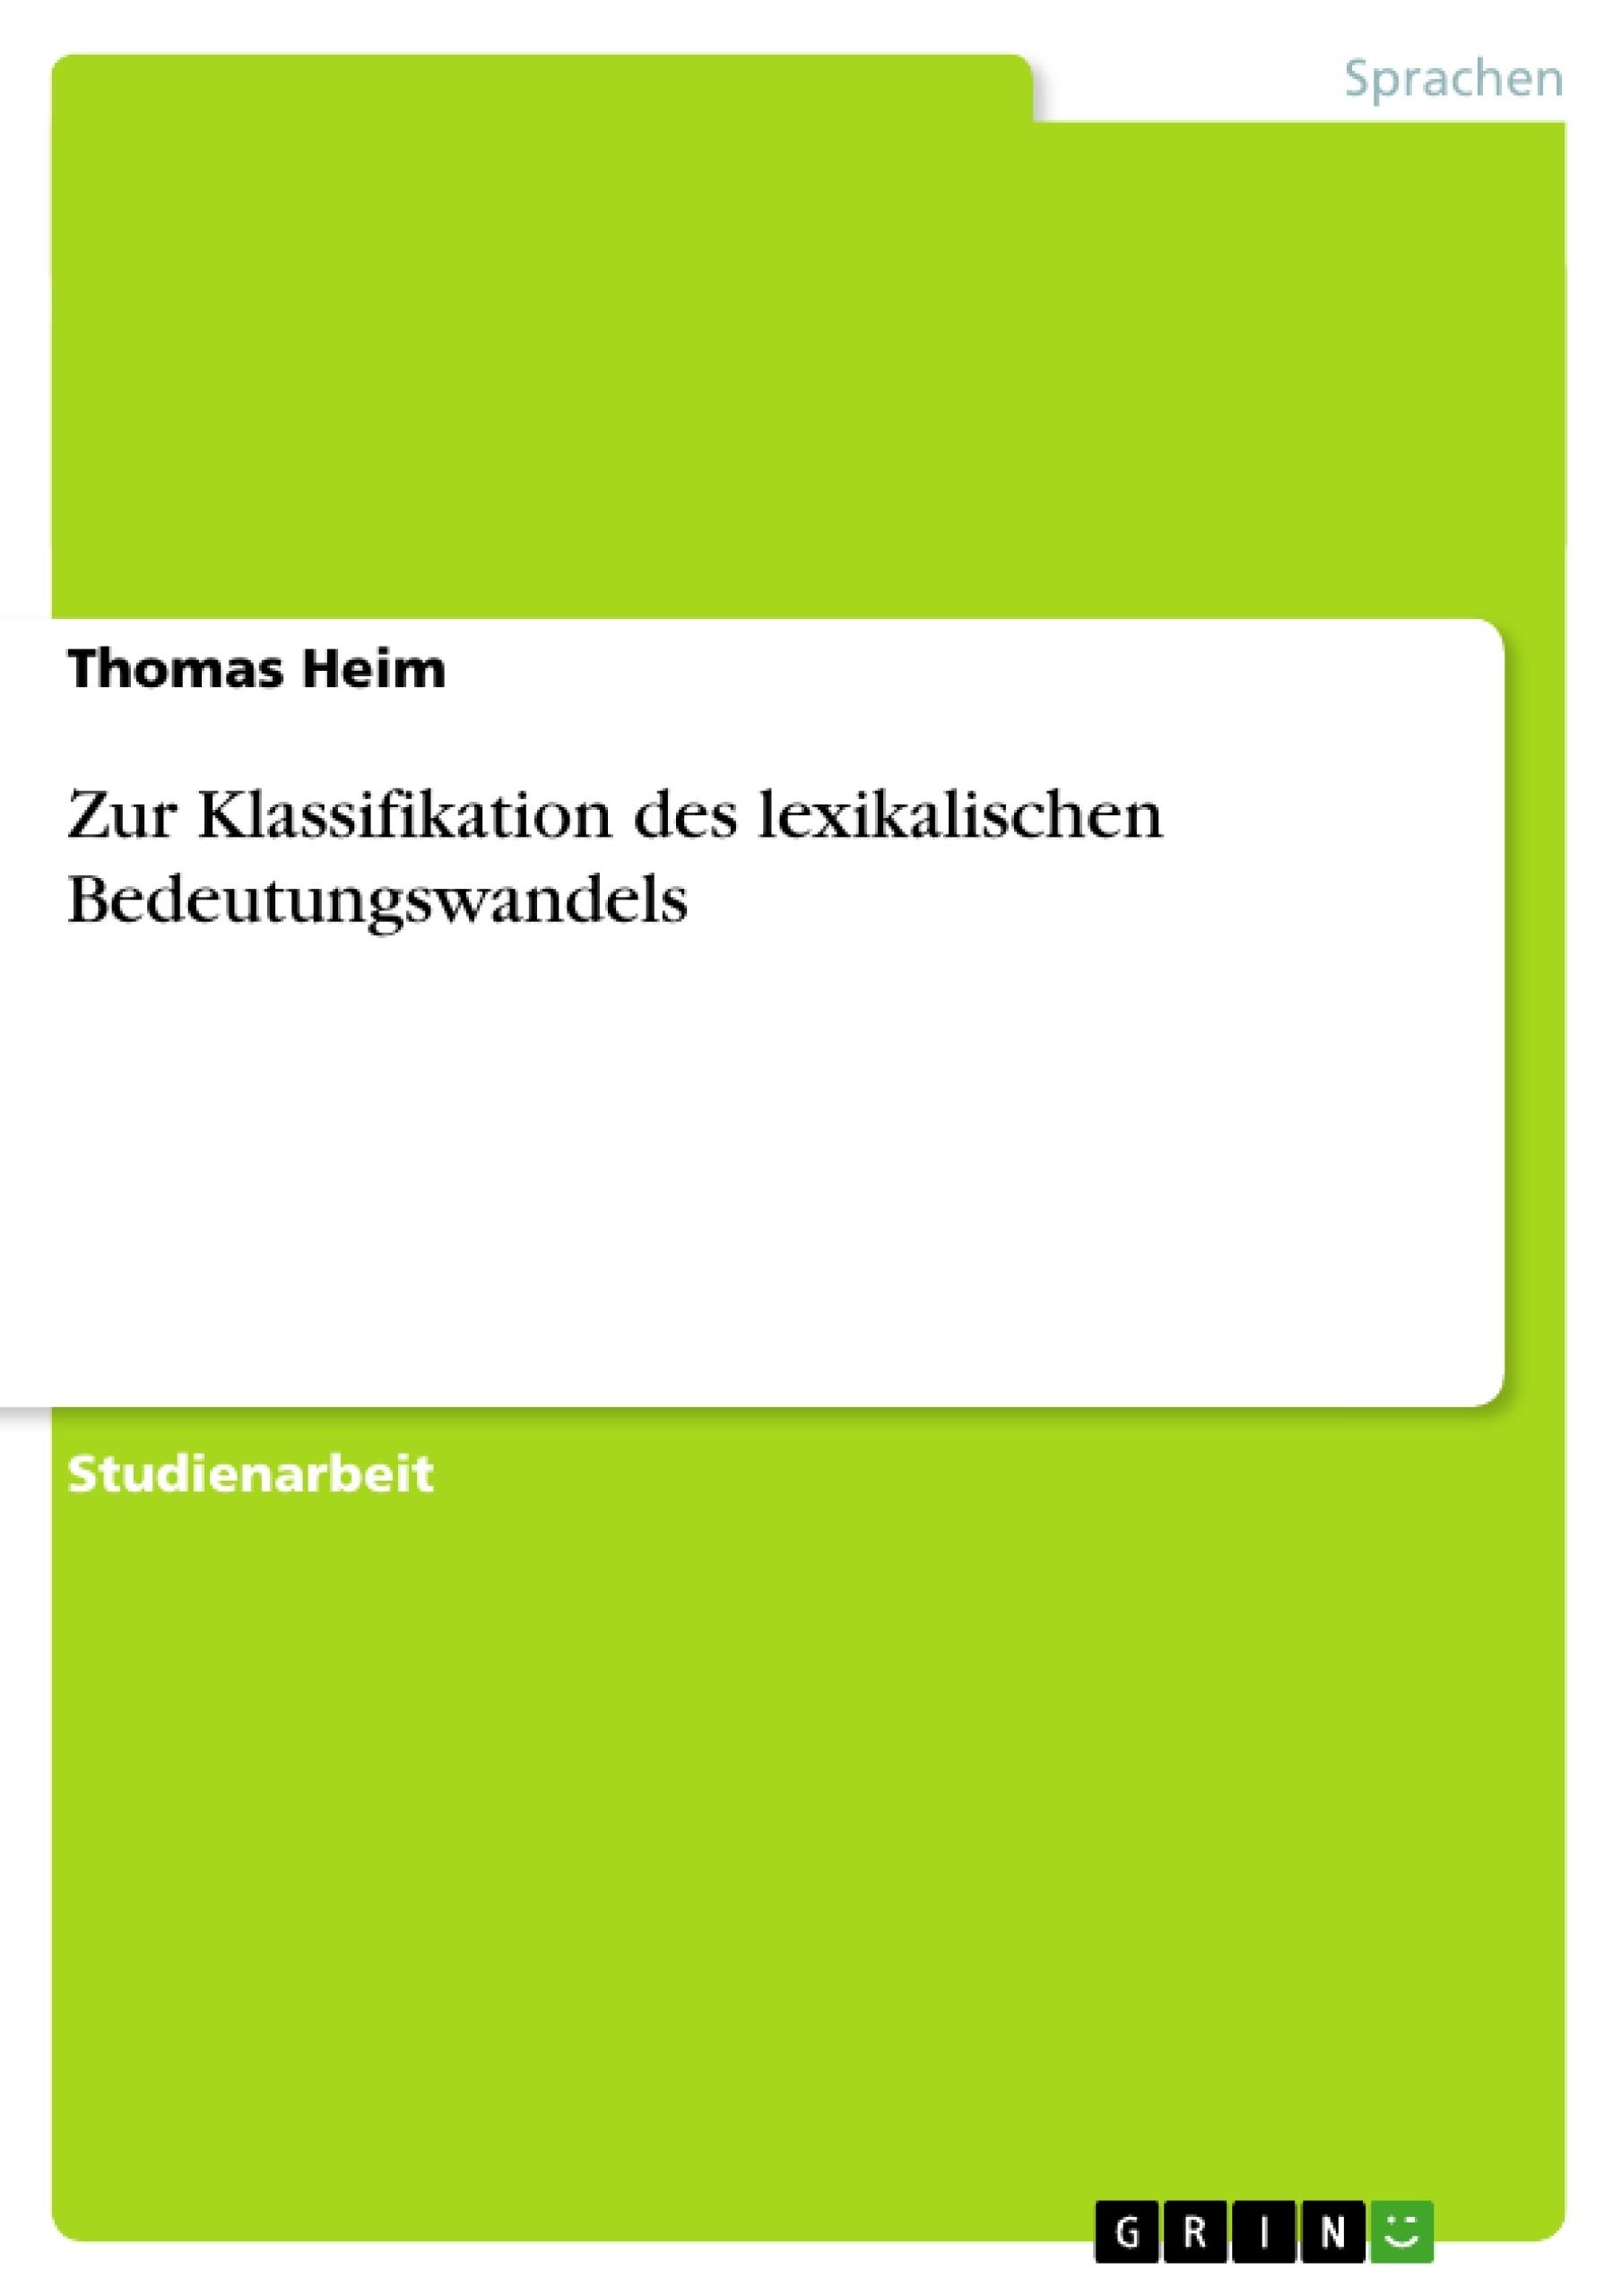 Titel: Zur Klassifikation des lexikalischen Bedeutungswandels